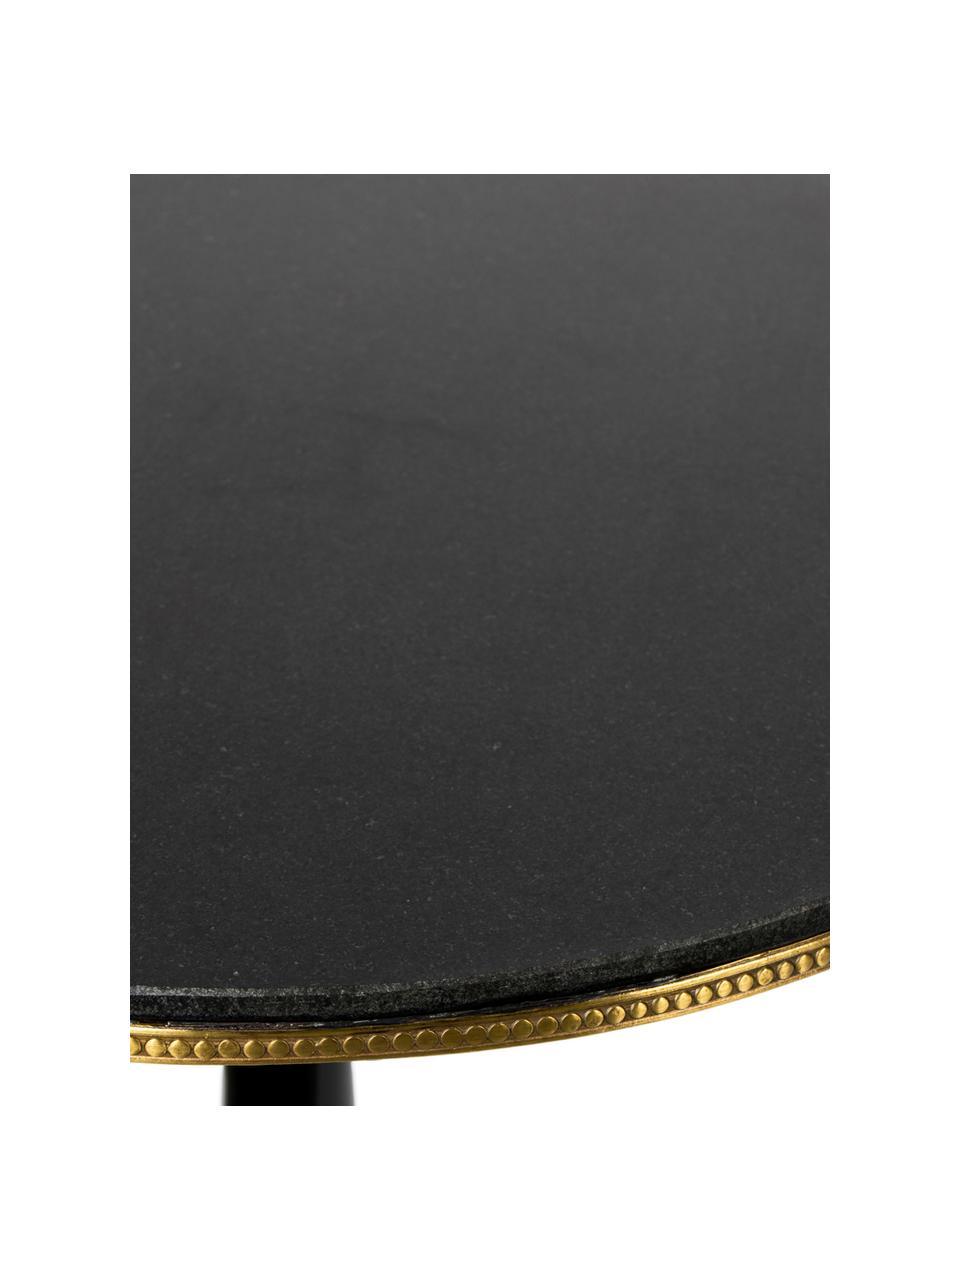 Runder Esstisch Own The Glow mit Granitstein-Tischplatte, Tischplatte: Granitstein, Schwarz, Ø 65 x H 76 cm